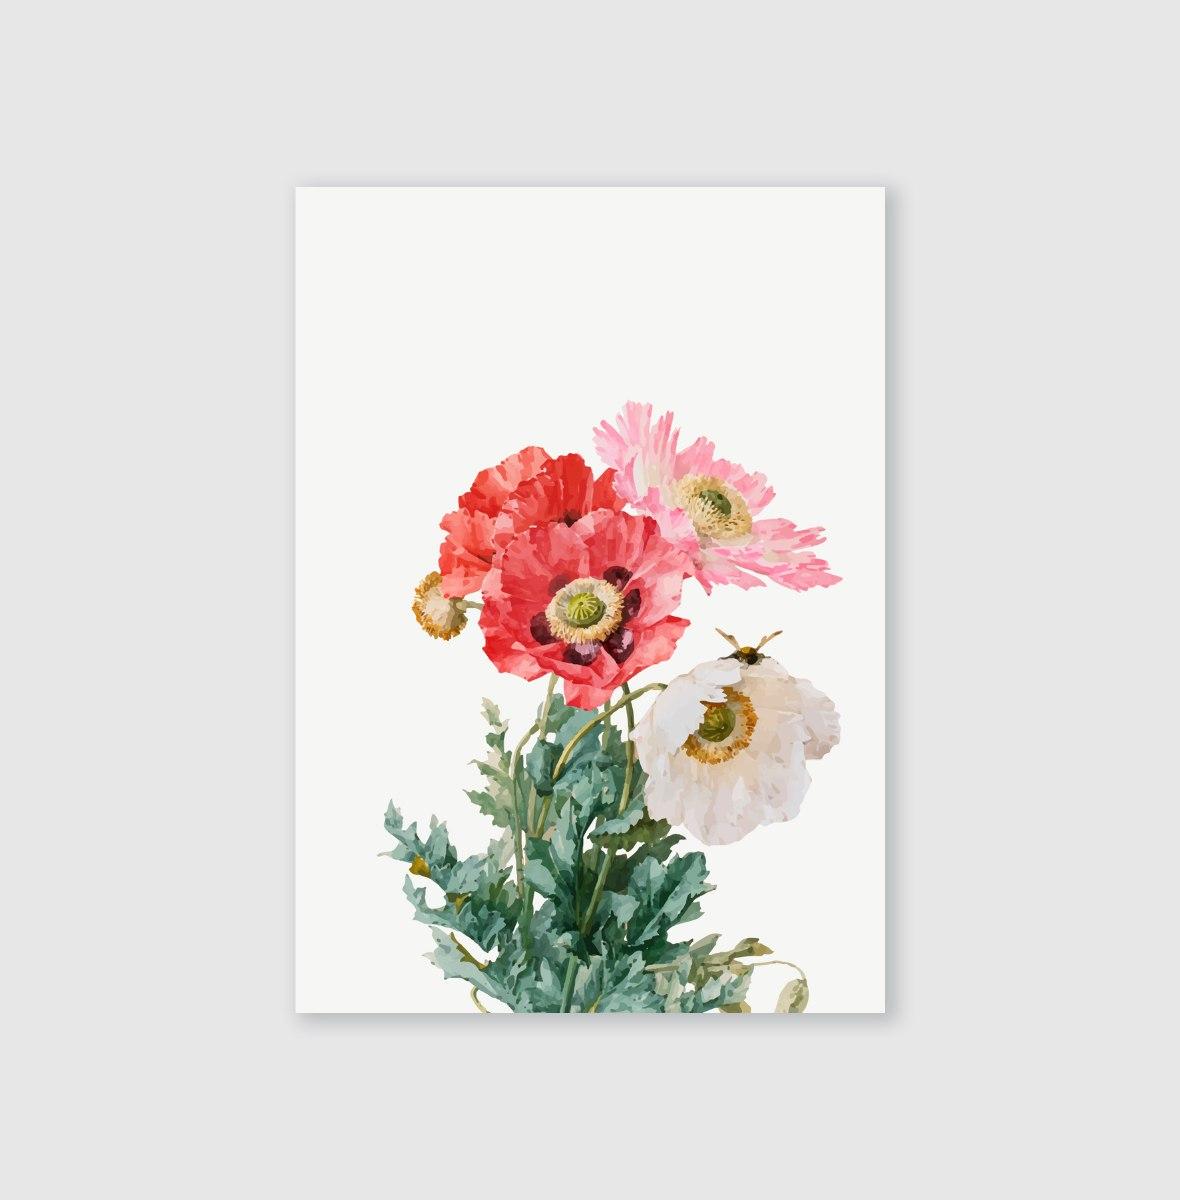 סט גלויות- פרחים אדומים